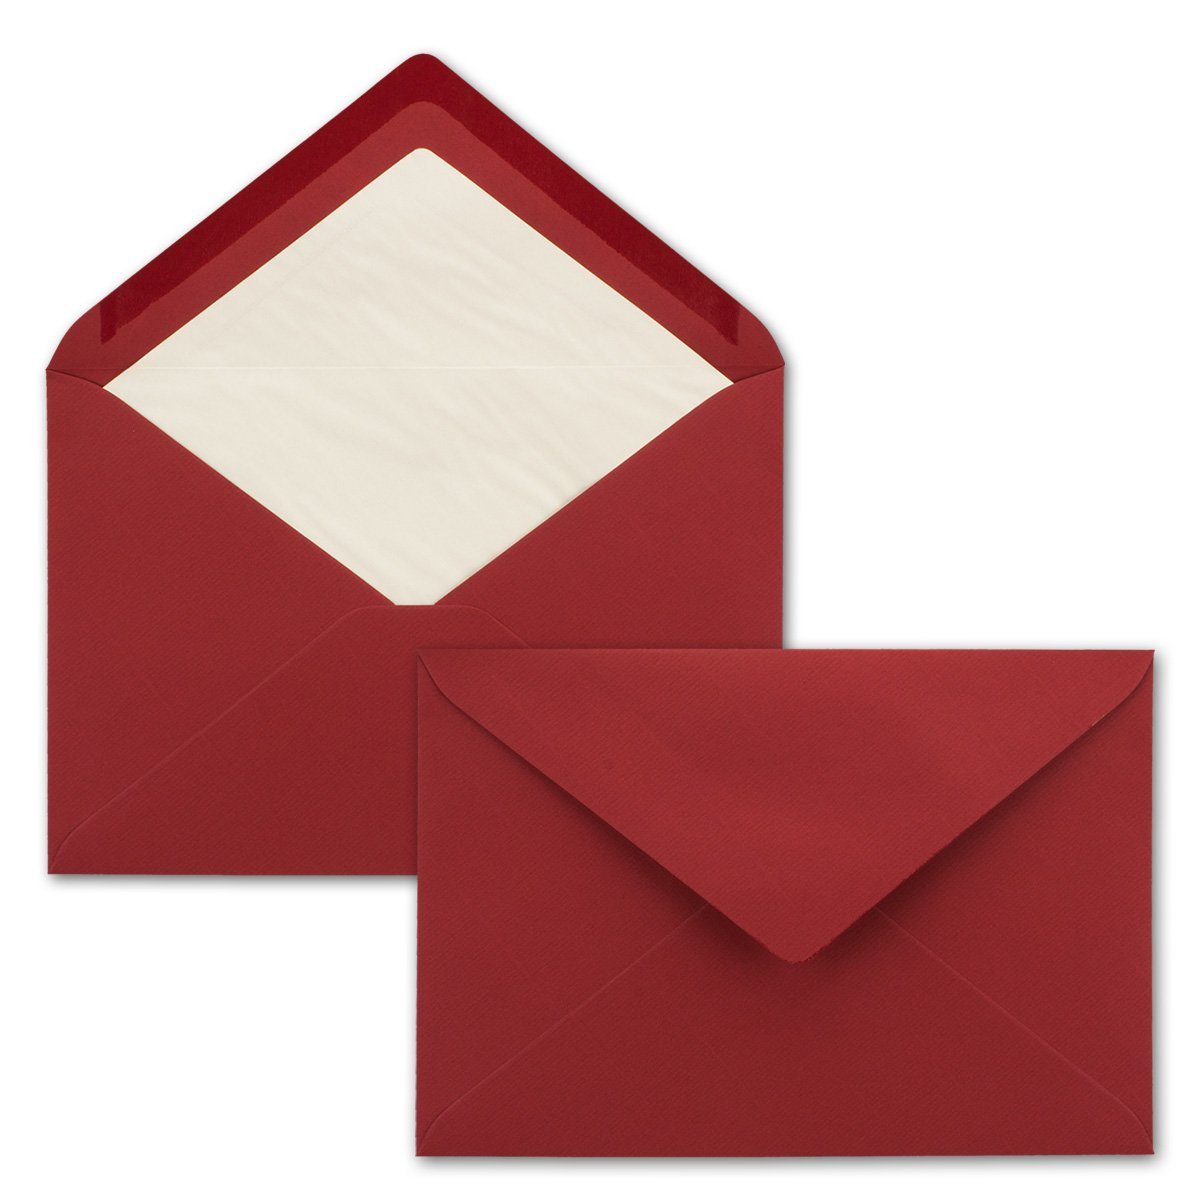 500x Brief-Umschläge C5 - Weiß - gefüttert mit mit mit grauem Seidenpapier - 100 g m² - 229 x 162 mm - Nassklebung - Qualitätsmarke  NEUSER FarbenFroh B077J3KVSX | Günstig  | Speichern  | Lassen Sie unsere Produkte in die Welt gehen  c22952